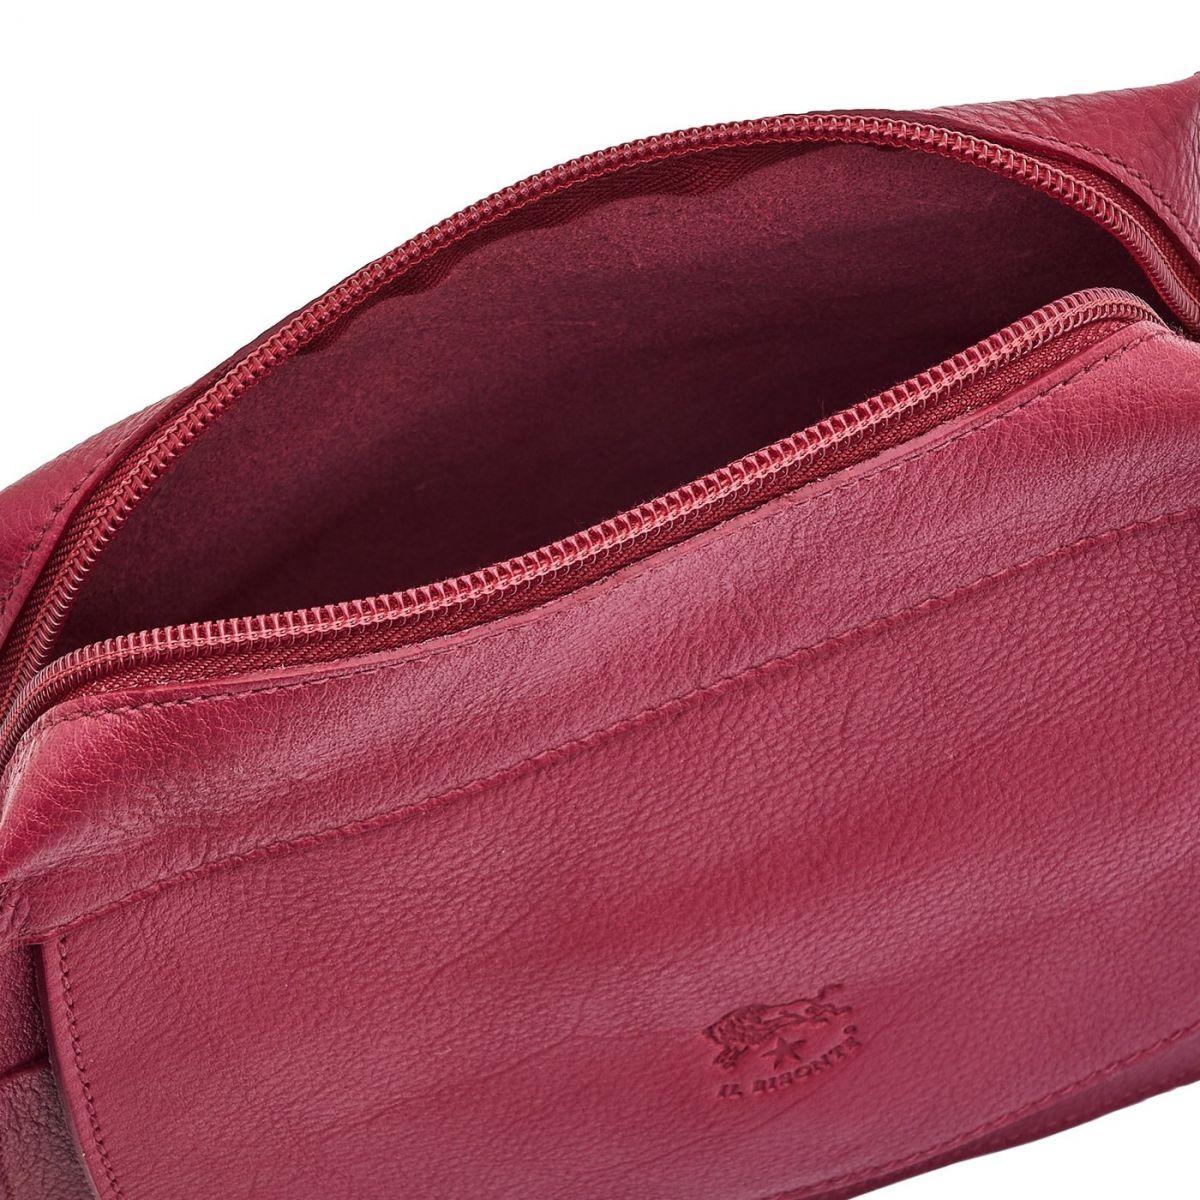 Borsa A Tracolla da Donna Salina in Pelle Di Vacchetta BCR174 colore Sumac   Details